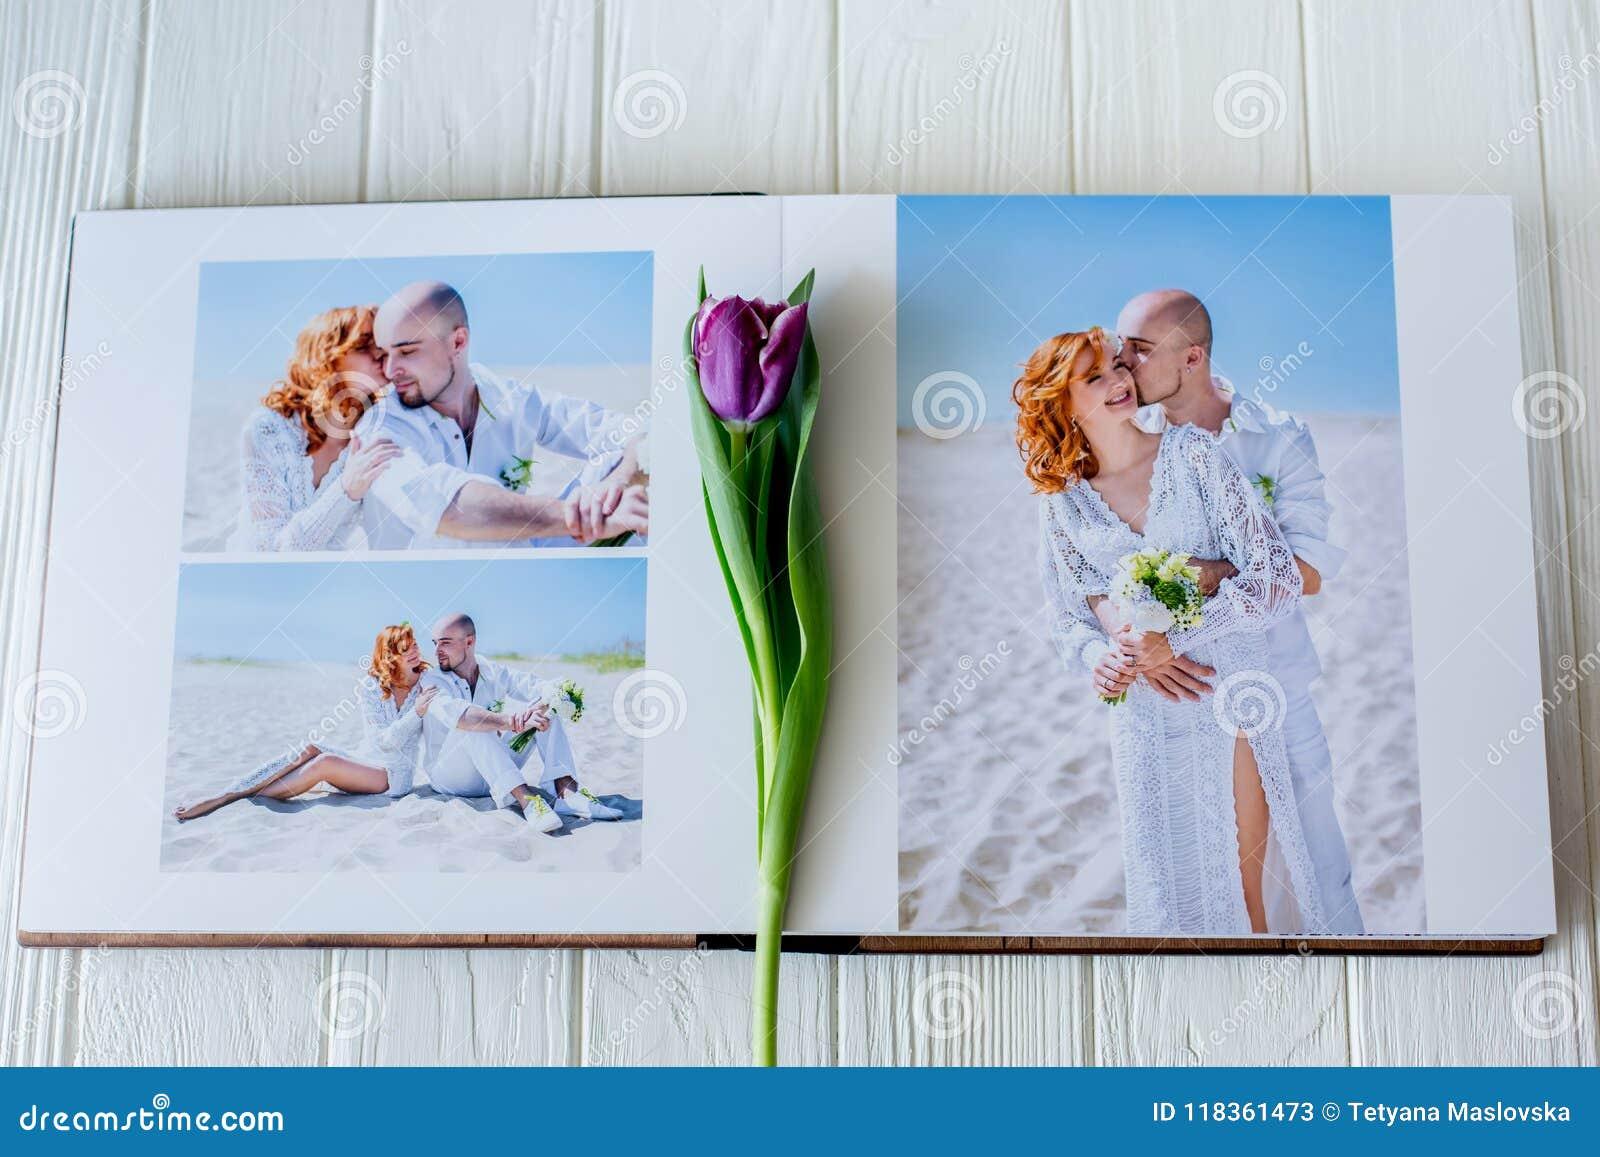 Ξύλινο βιβλίο γαμήλιων φωτογραφιών ευτυχείς νεολαίες αγάπης ζευγών Περπάτημα νυφών και νεόνυμφων της ημέρας γάμου